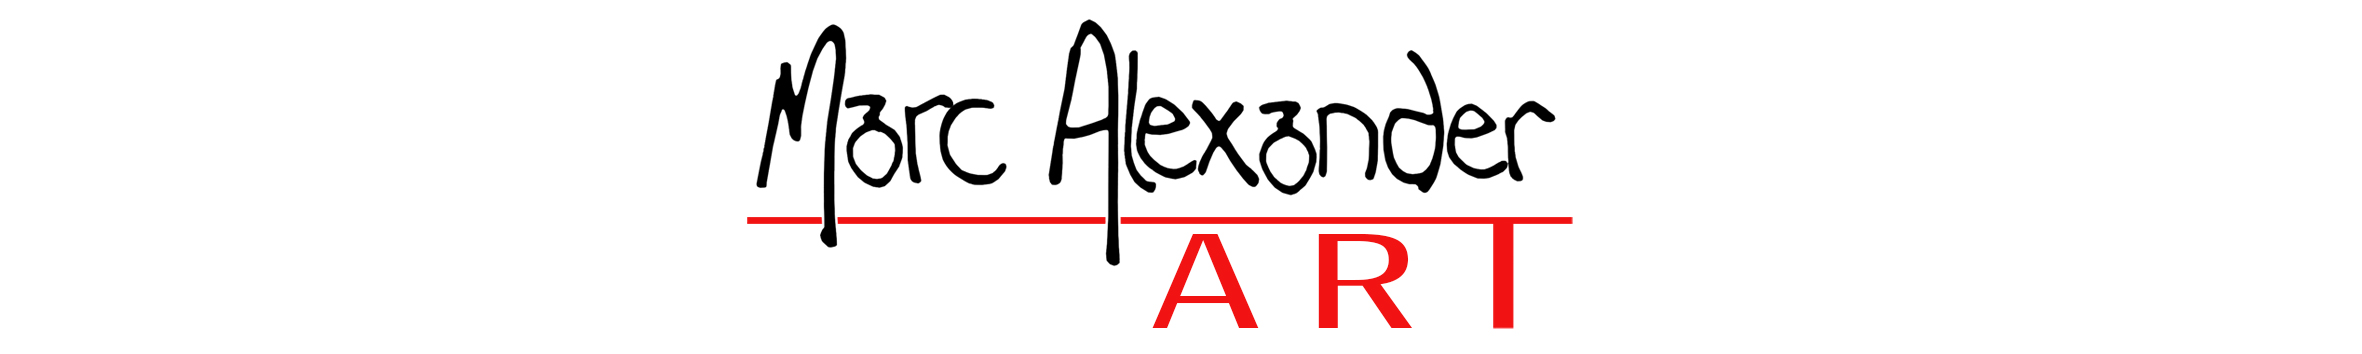 MARC ALEXANDER ART